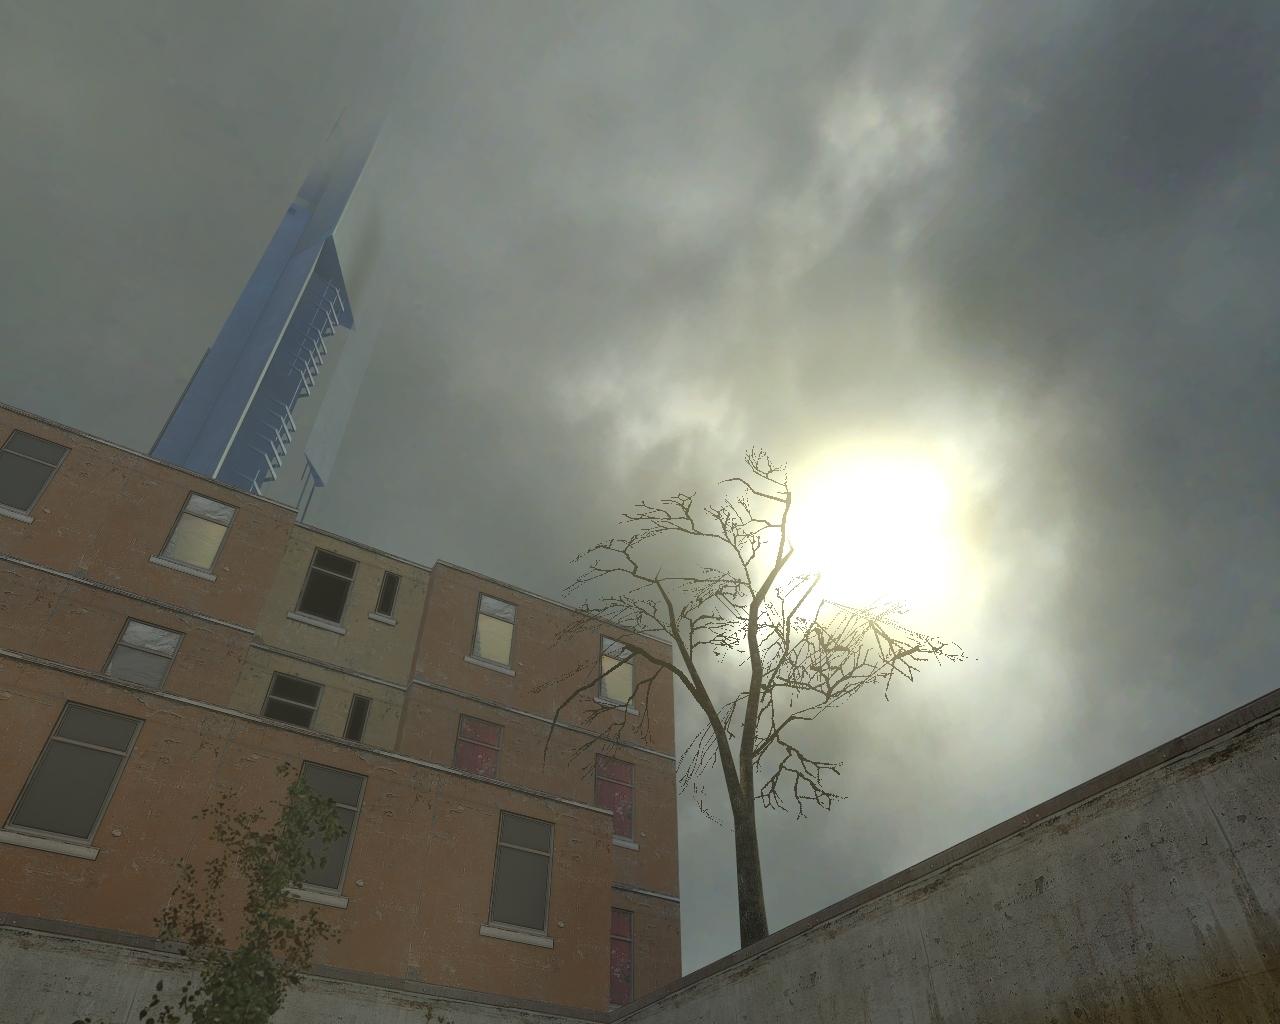 d3_c17_06a0014.jpg - Half-Life 2